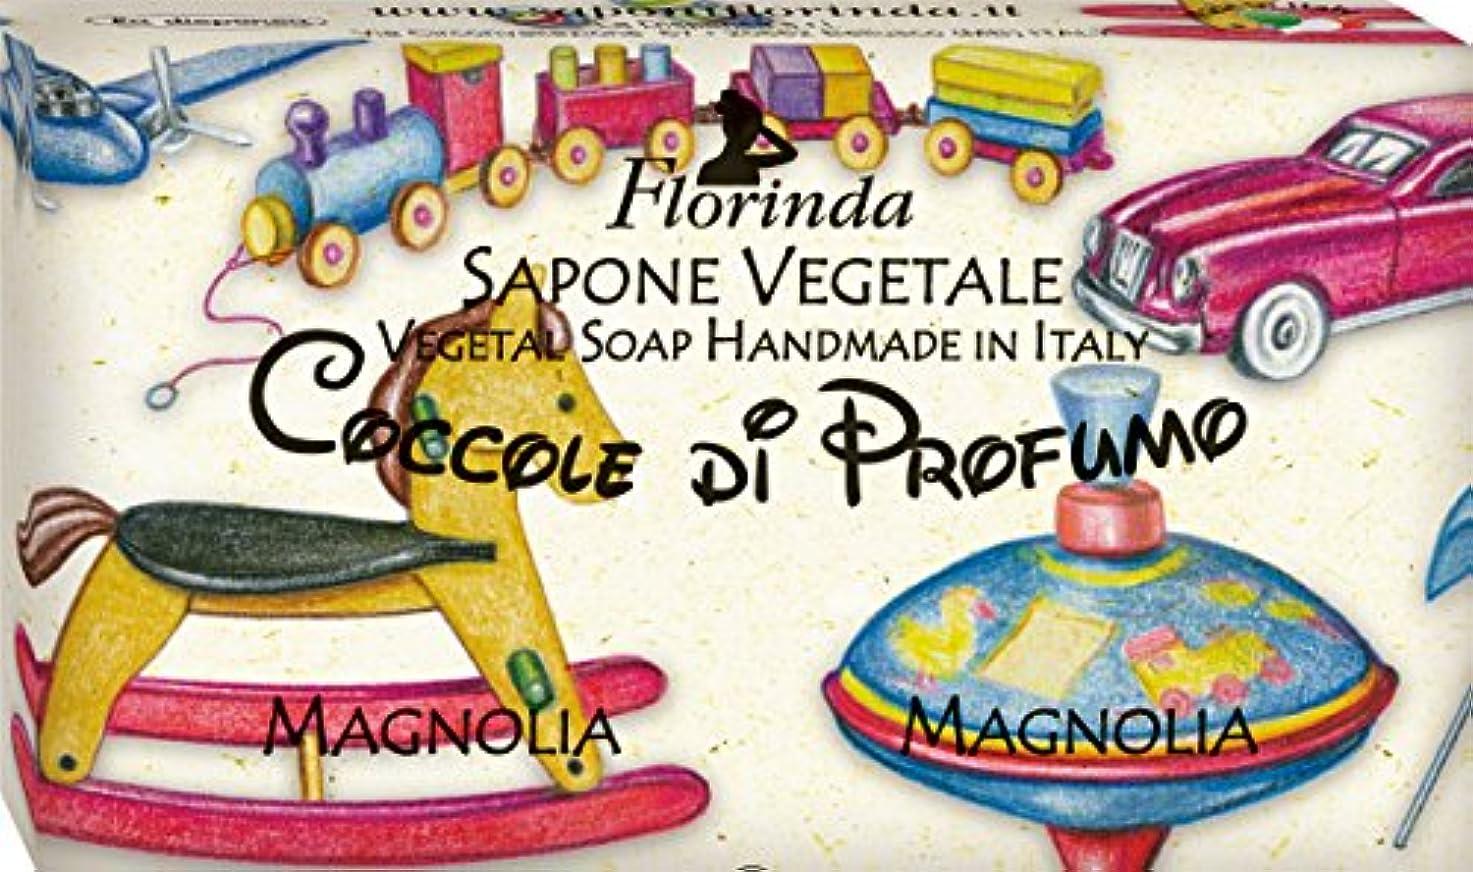 乳製品台無しに悪質なフロリンダ フレグランスソープ おもちゃシリーズ マグノリア